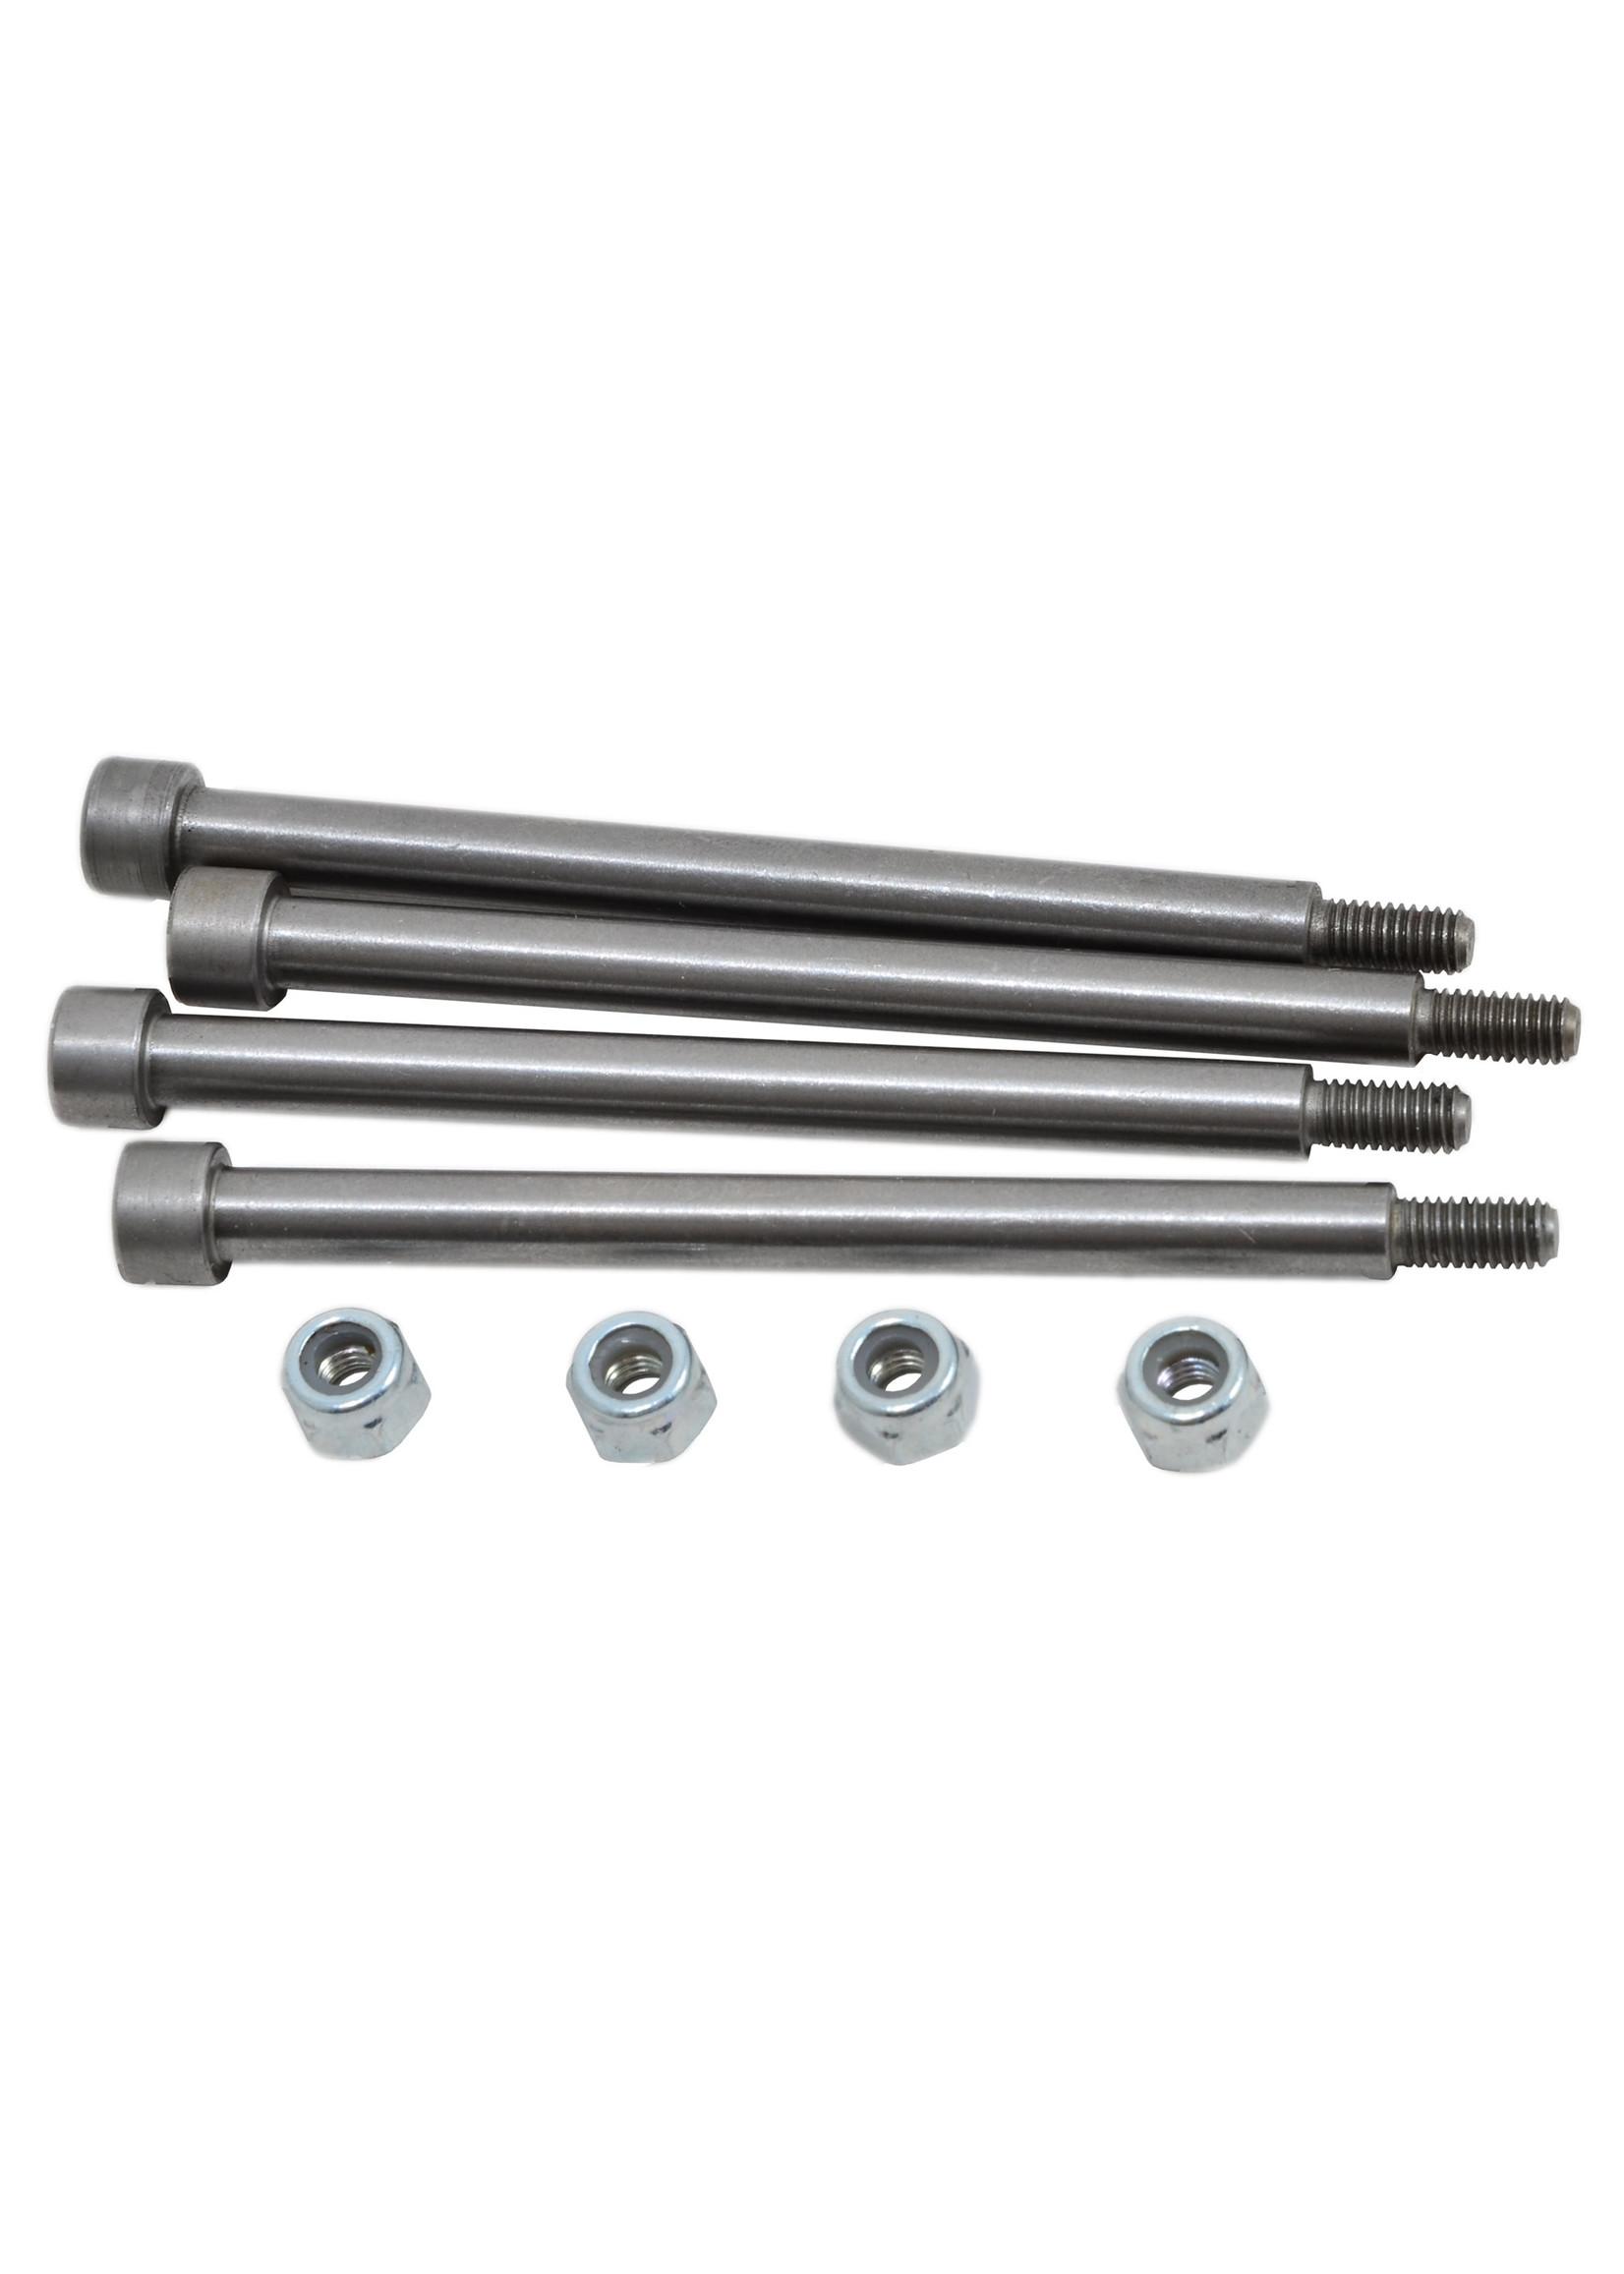 RPM RPM70510 RPM Threaded Hinge Pins for the Traxxas X-Maxx